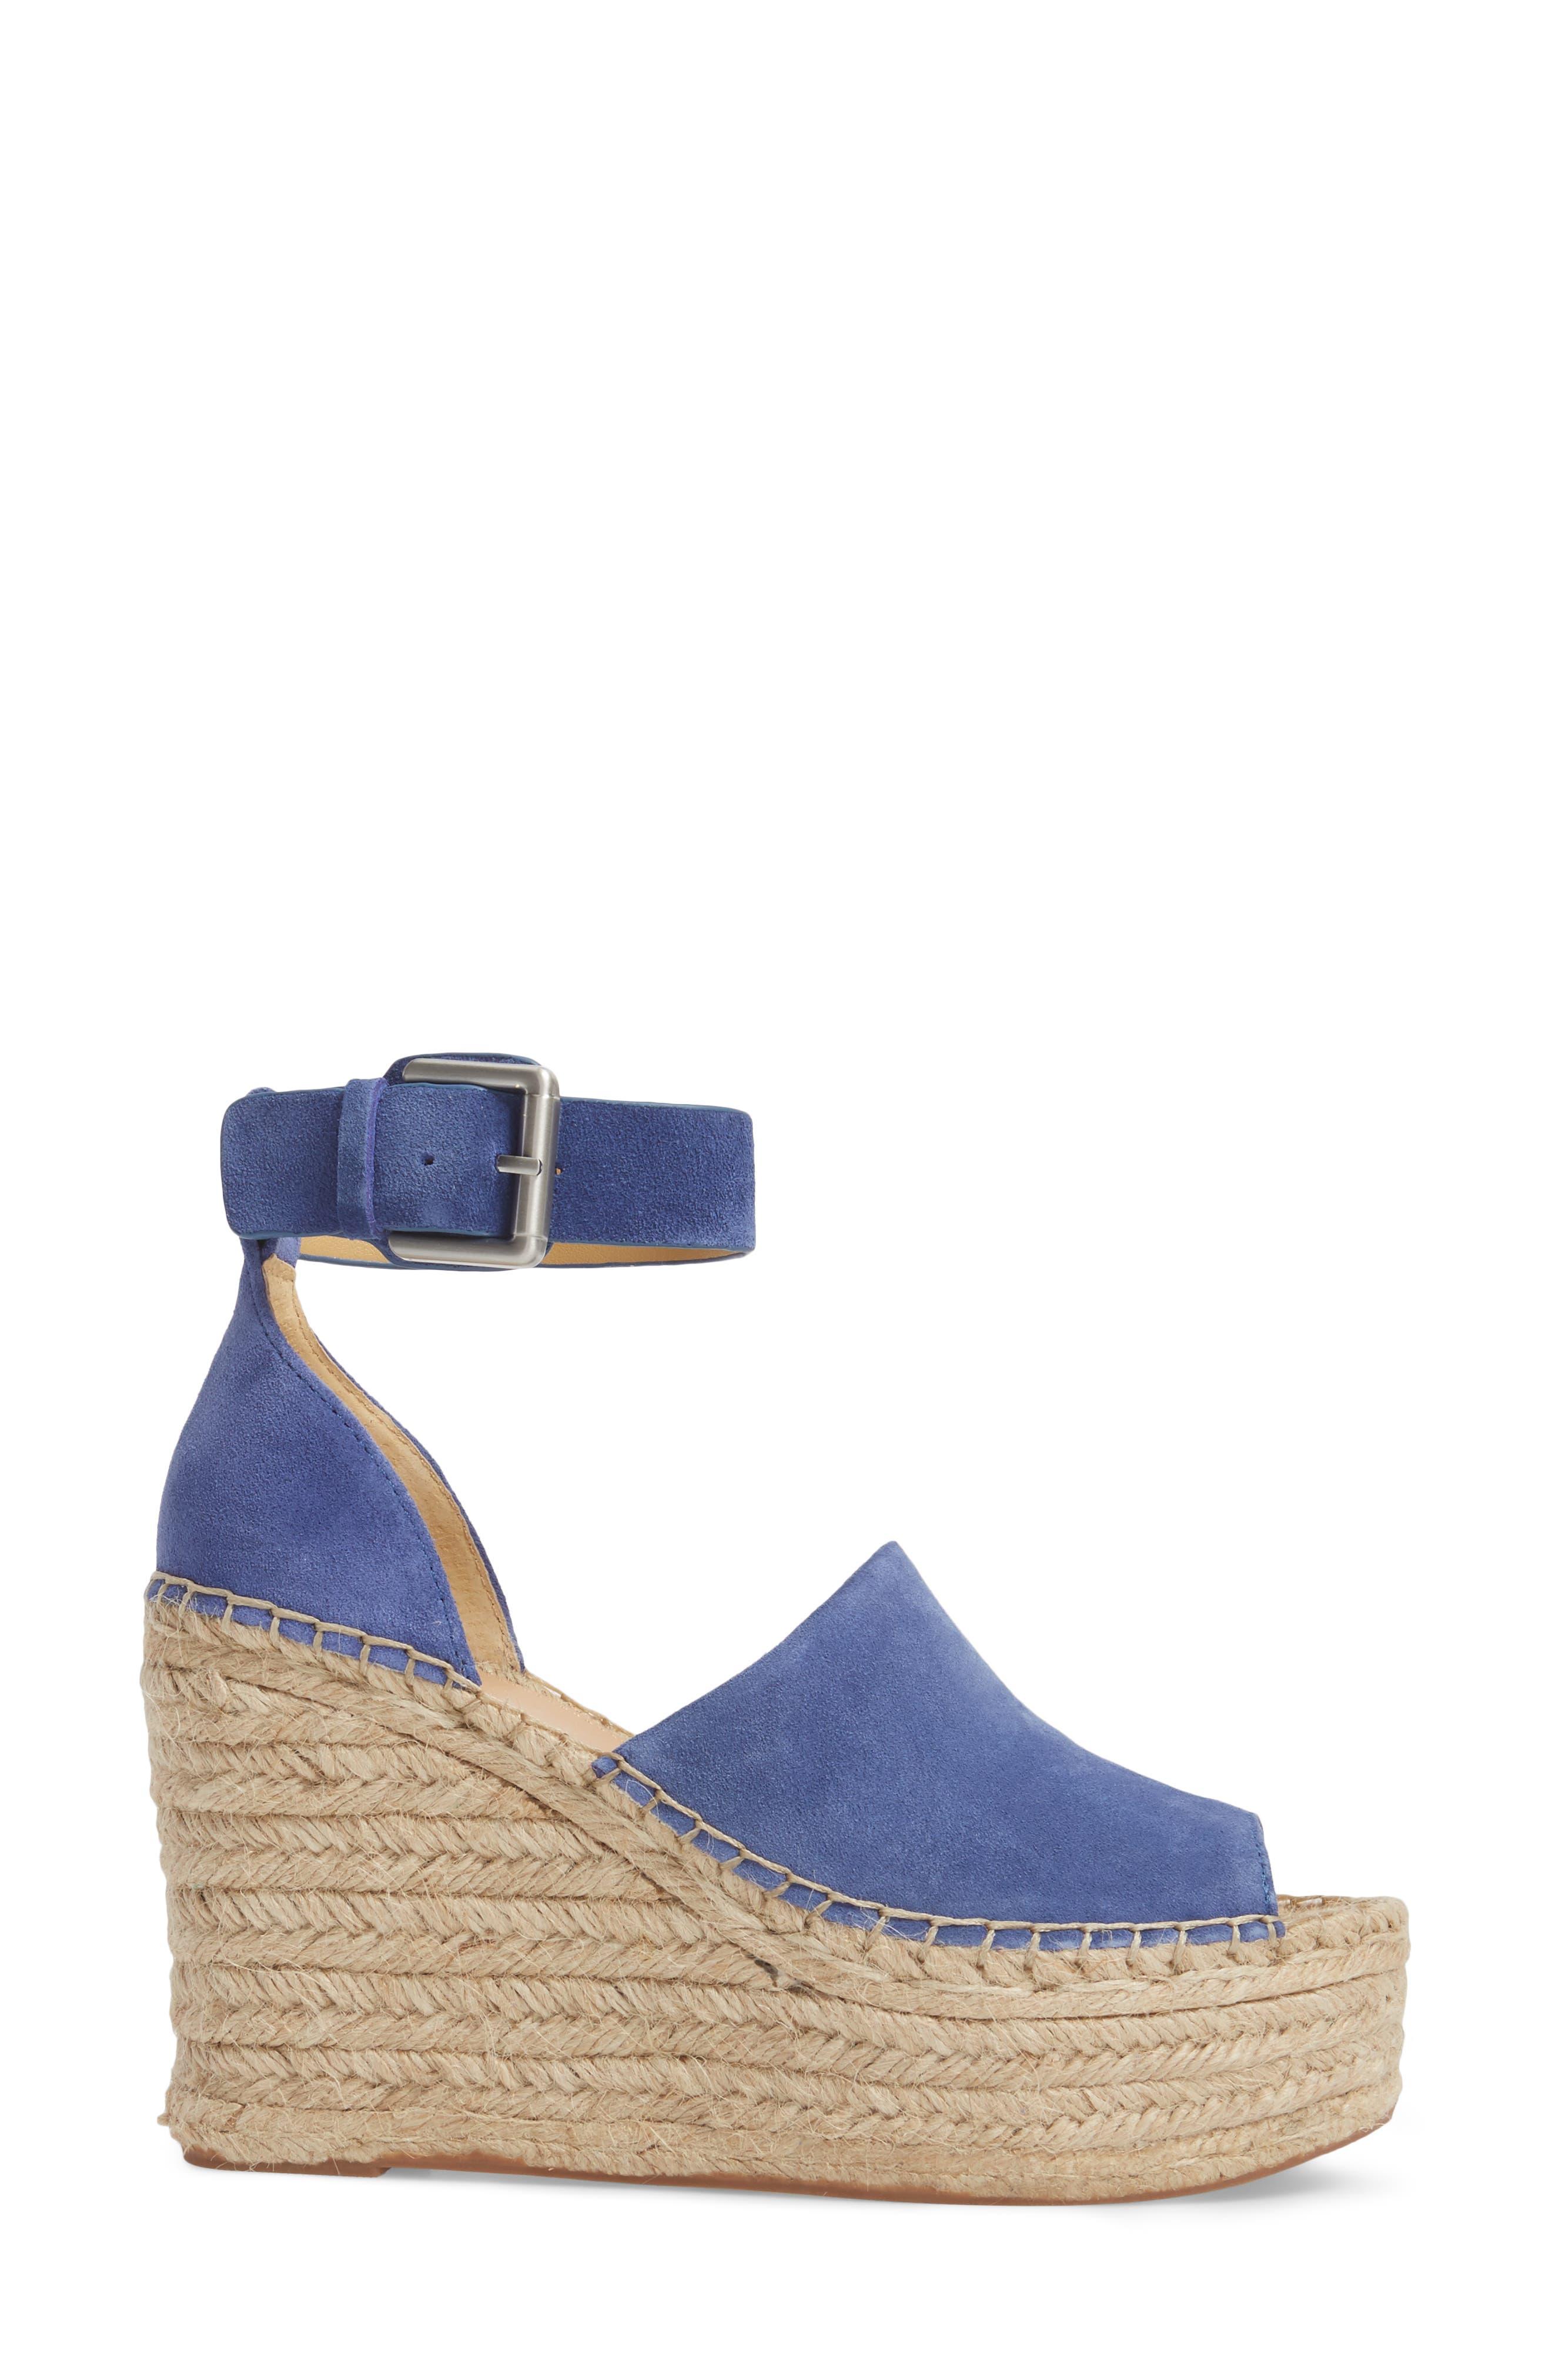 Adalyn Espadrille Wedge Sandal,                             Alternate thumbnail 3, color,                             BLUE SUEDE